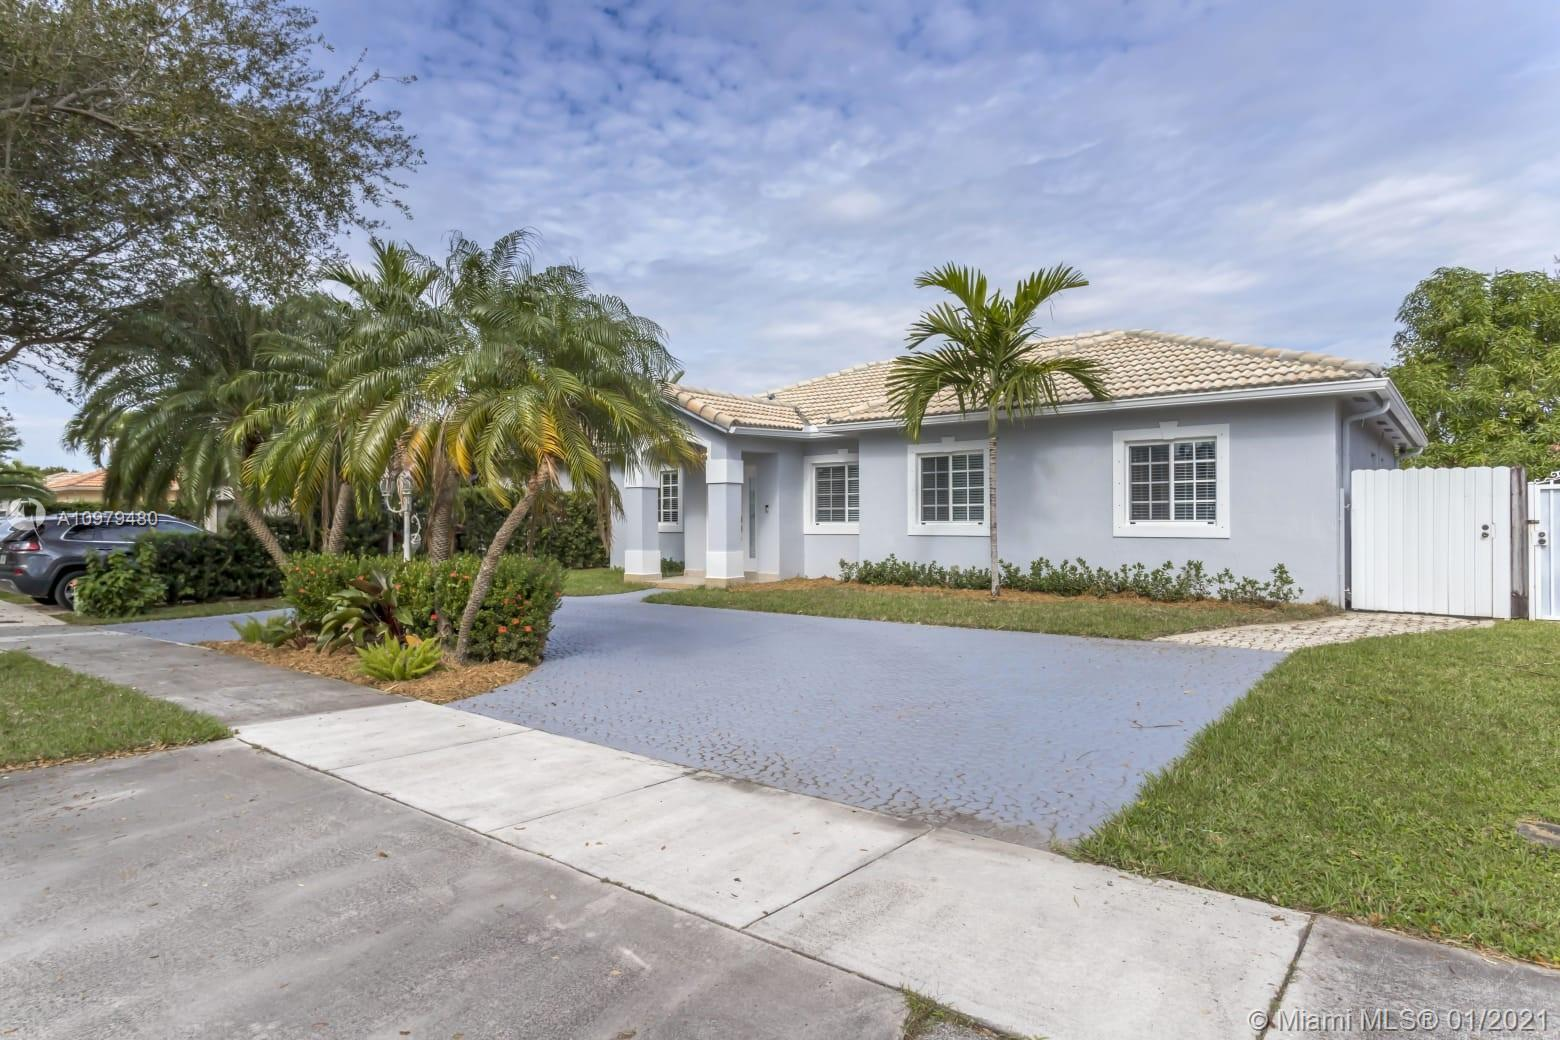 Miami Lakes - 9025 NW 164th St, Miami Lakes, FL 33018